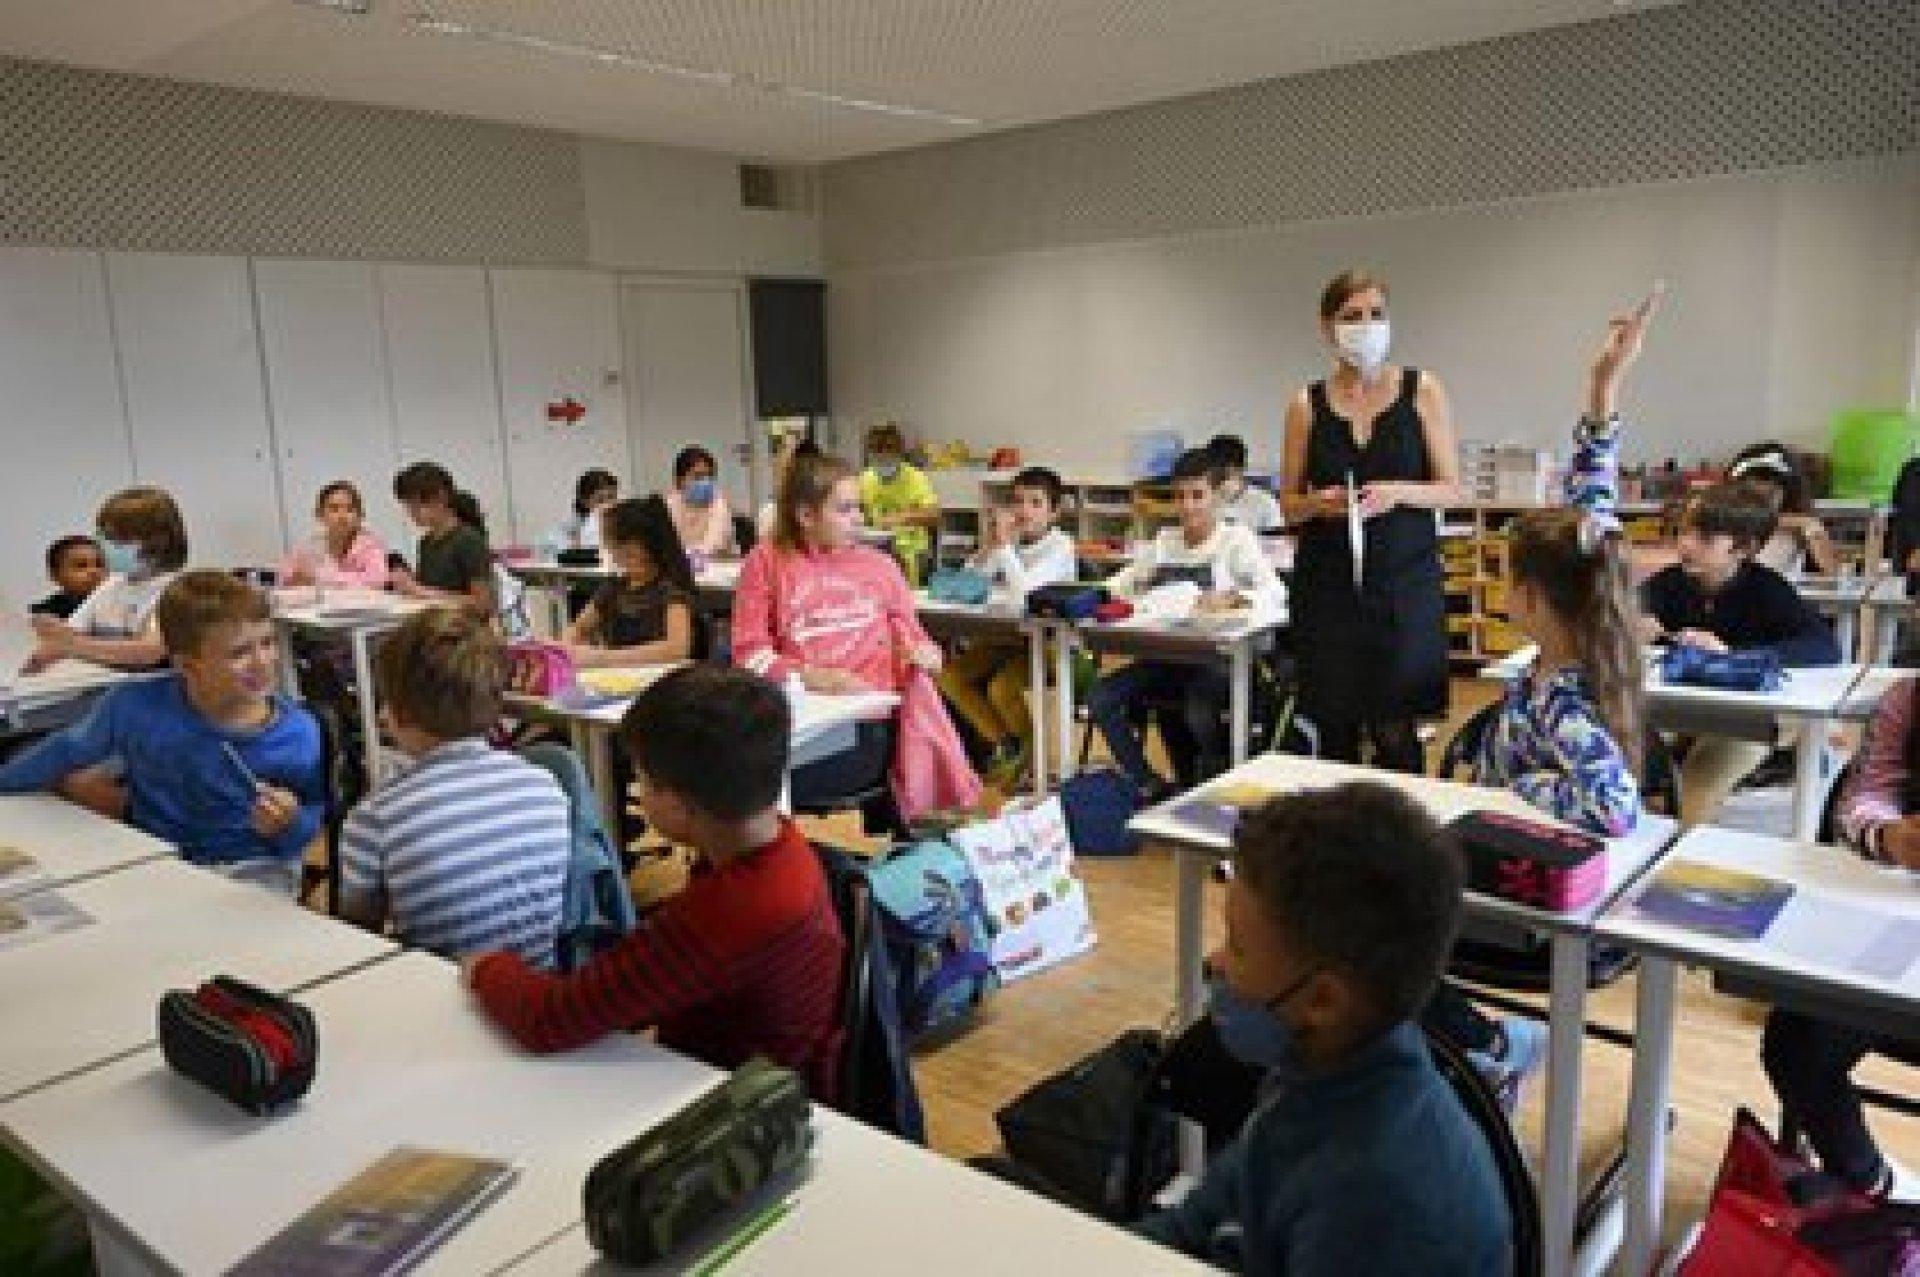 Las escuelas en Francia permanecen abiertas, pese al rebrote de COVID-19